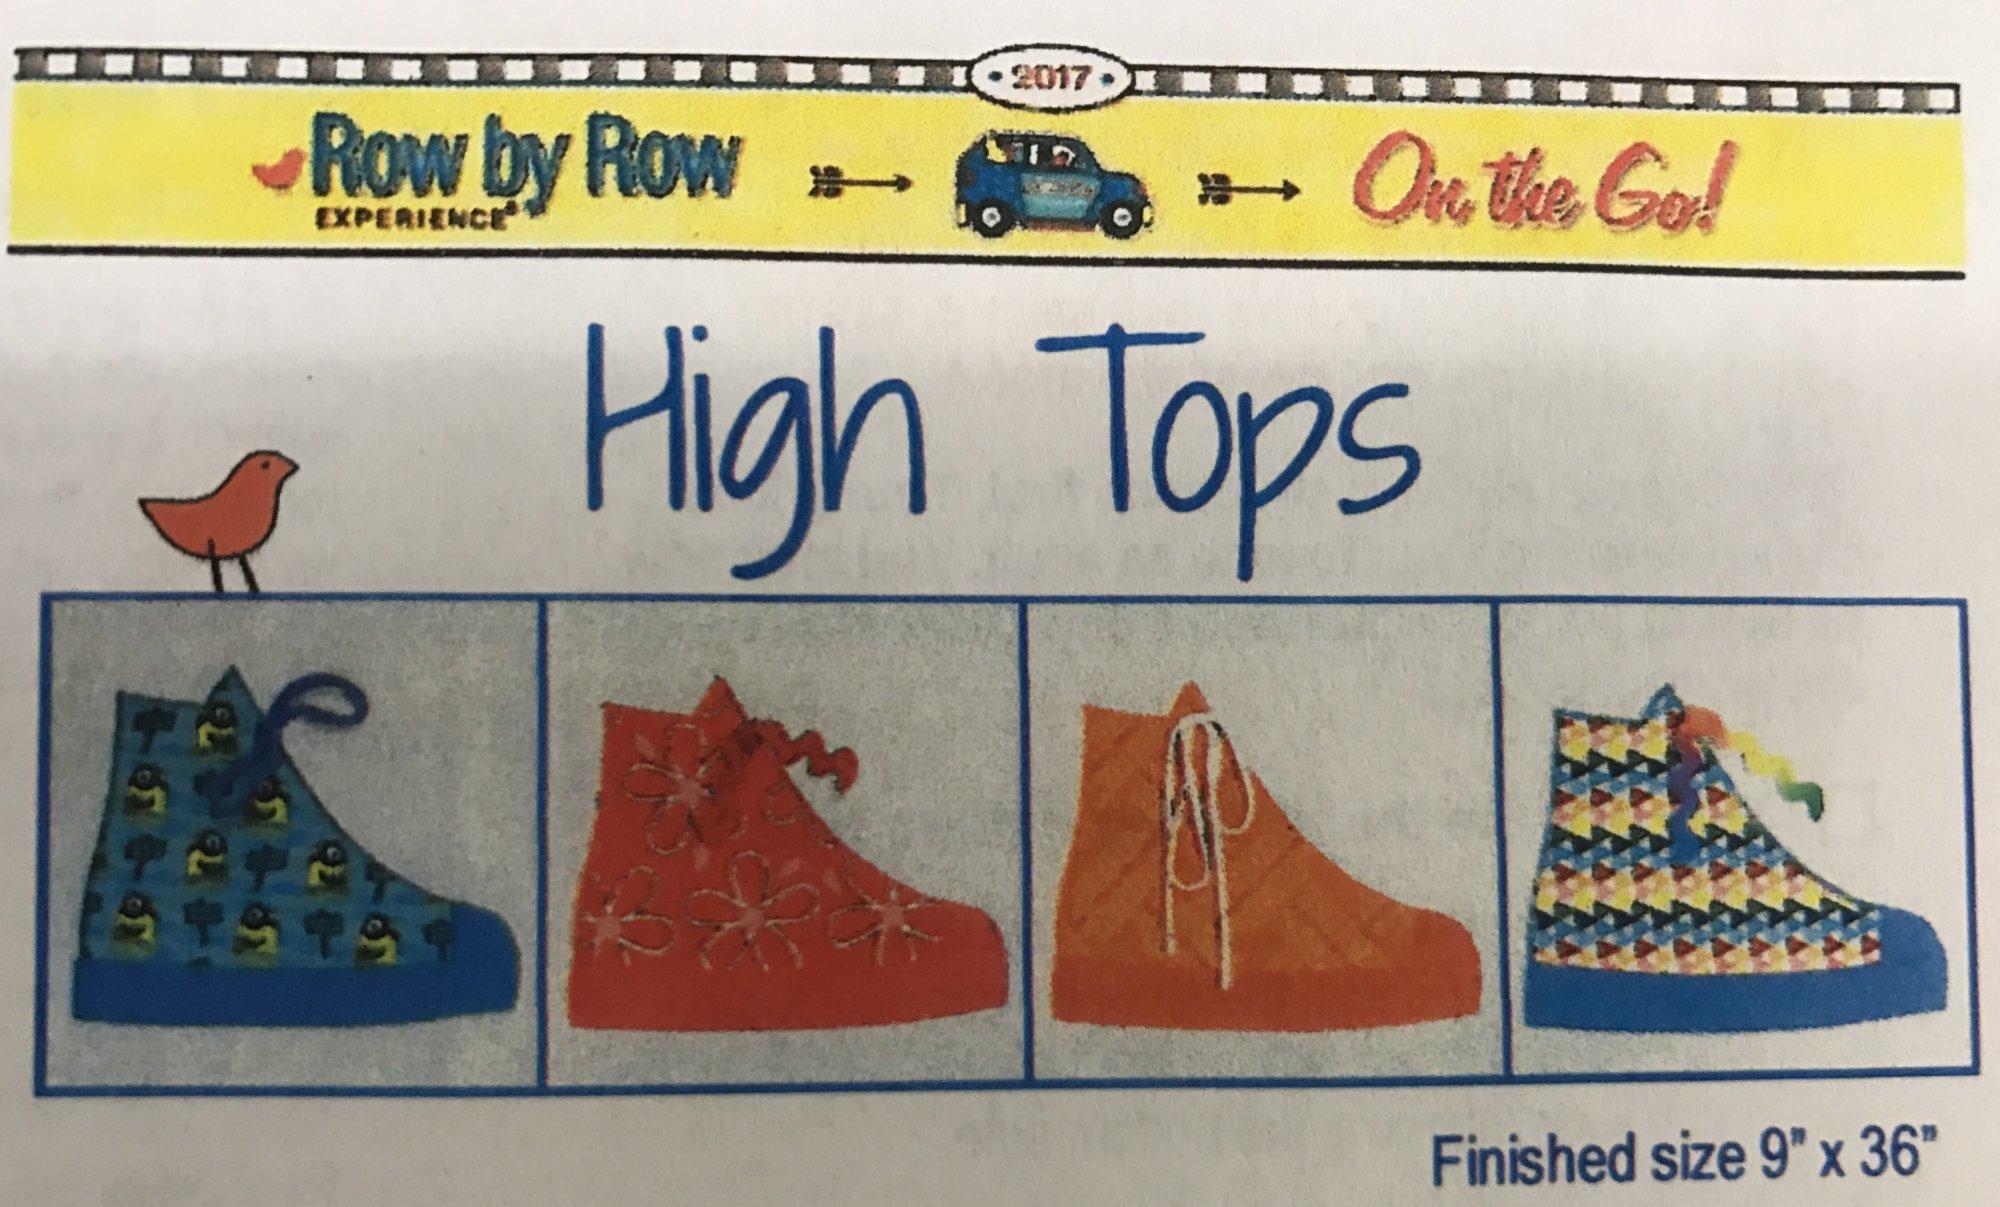 Jr Row by Row 2017 - High Tops Kit